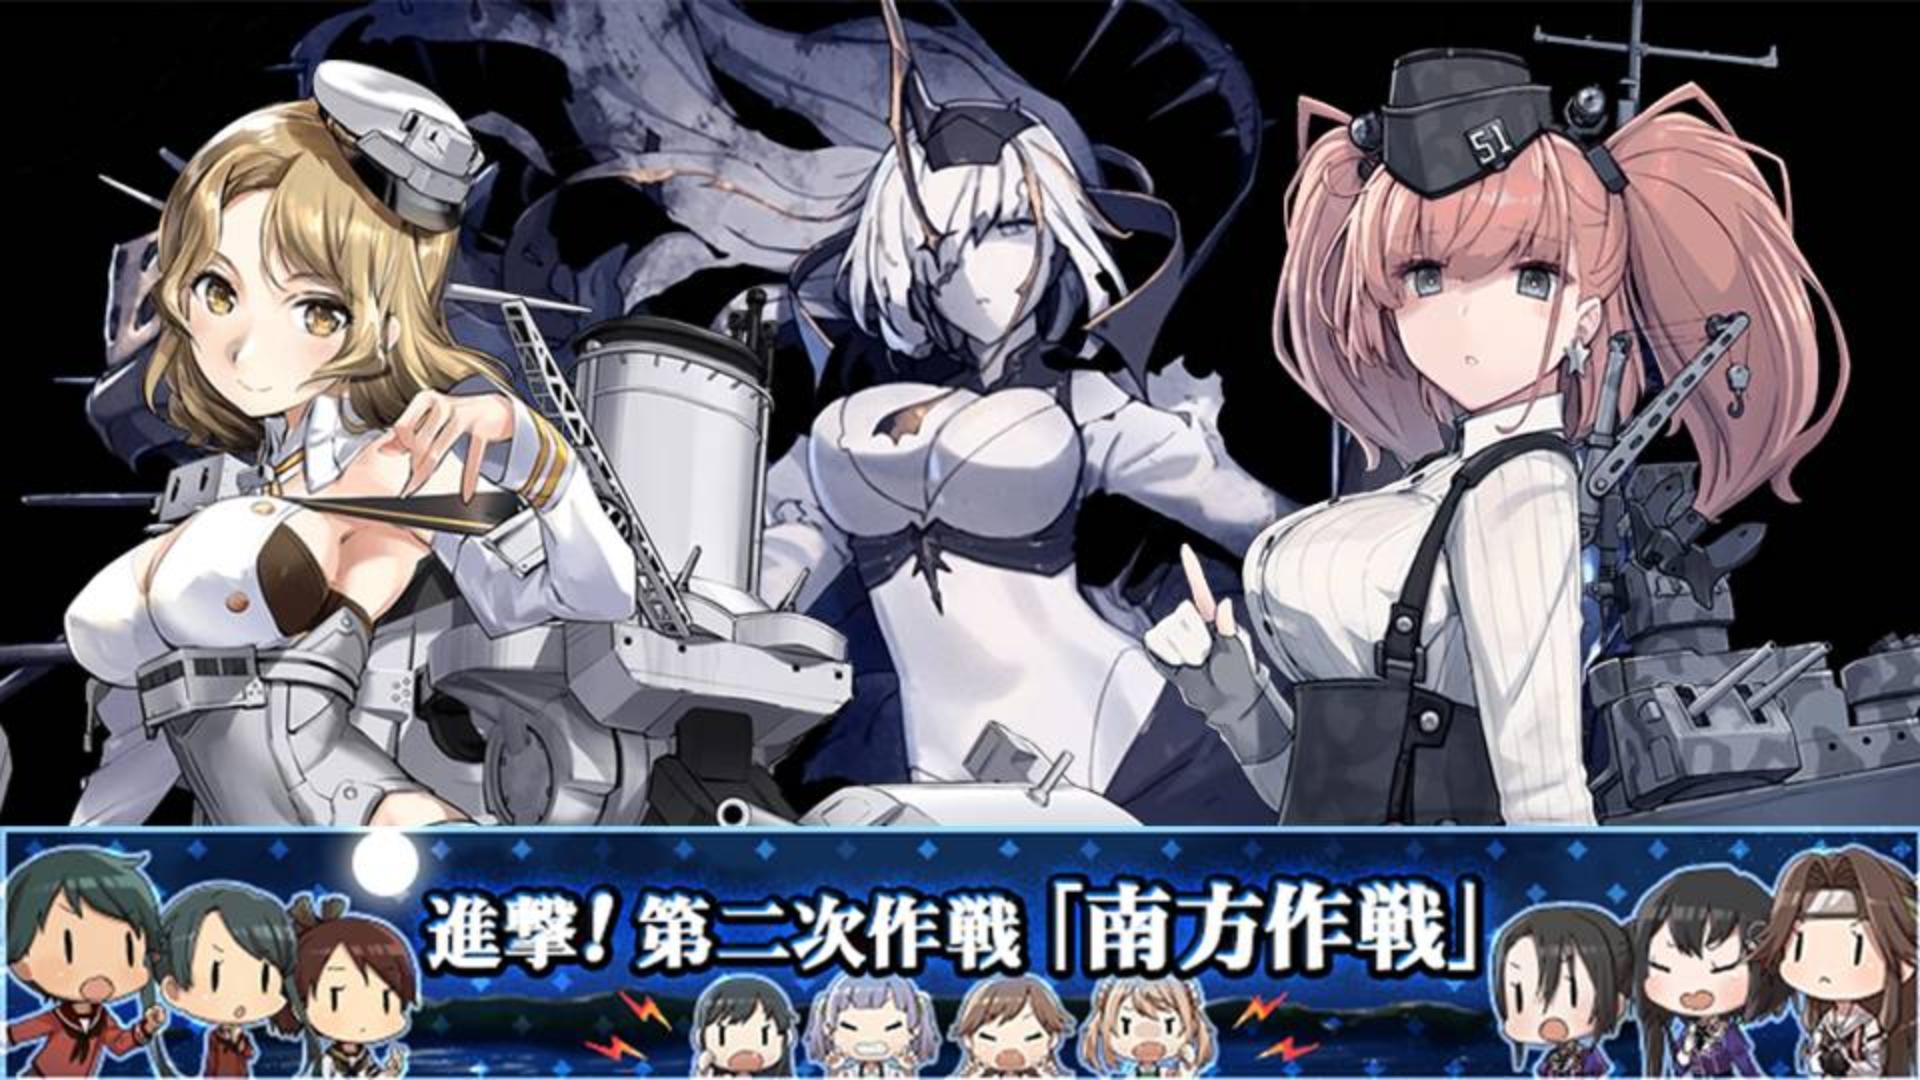 【舰队collection二期】 2019秋 — 進撃!第二次作戦「南方作戦」